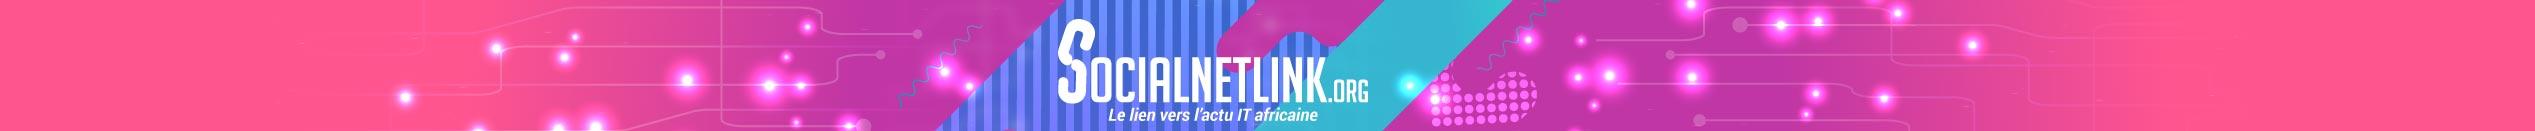 Socialnetlink-La référence technologique en Afrique